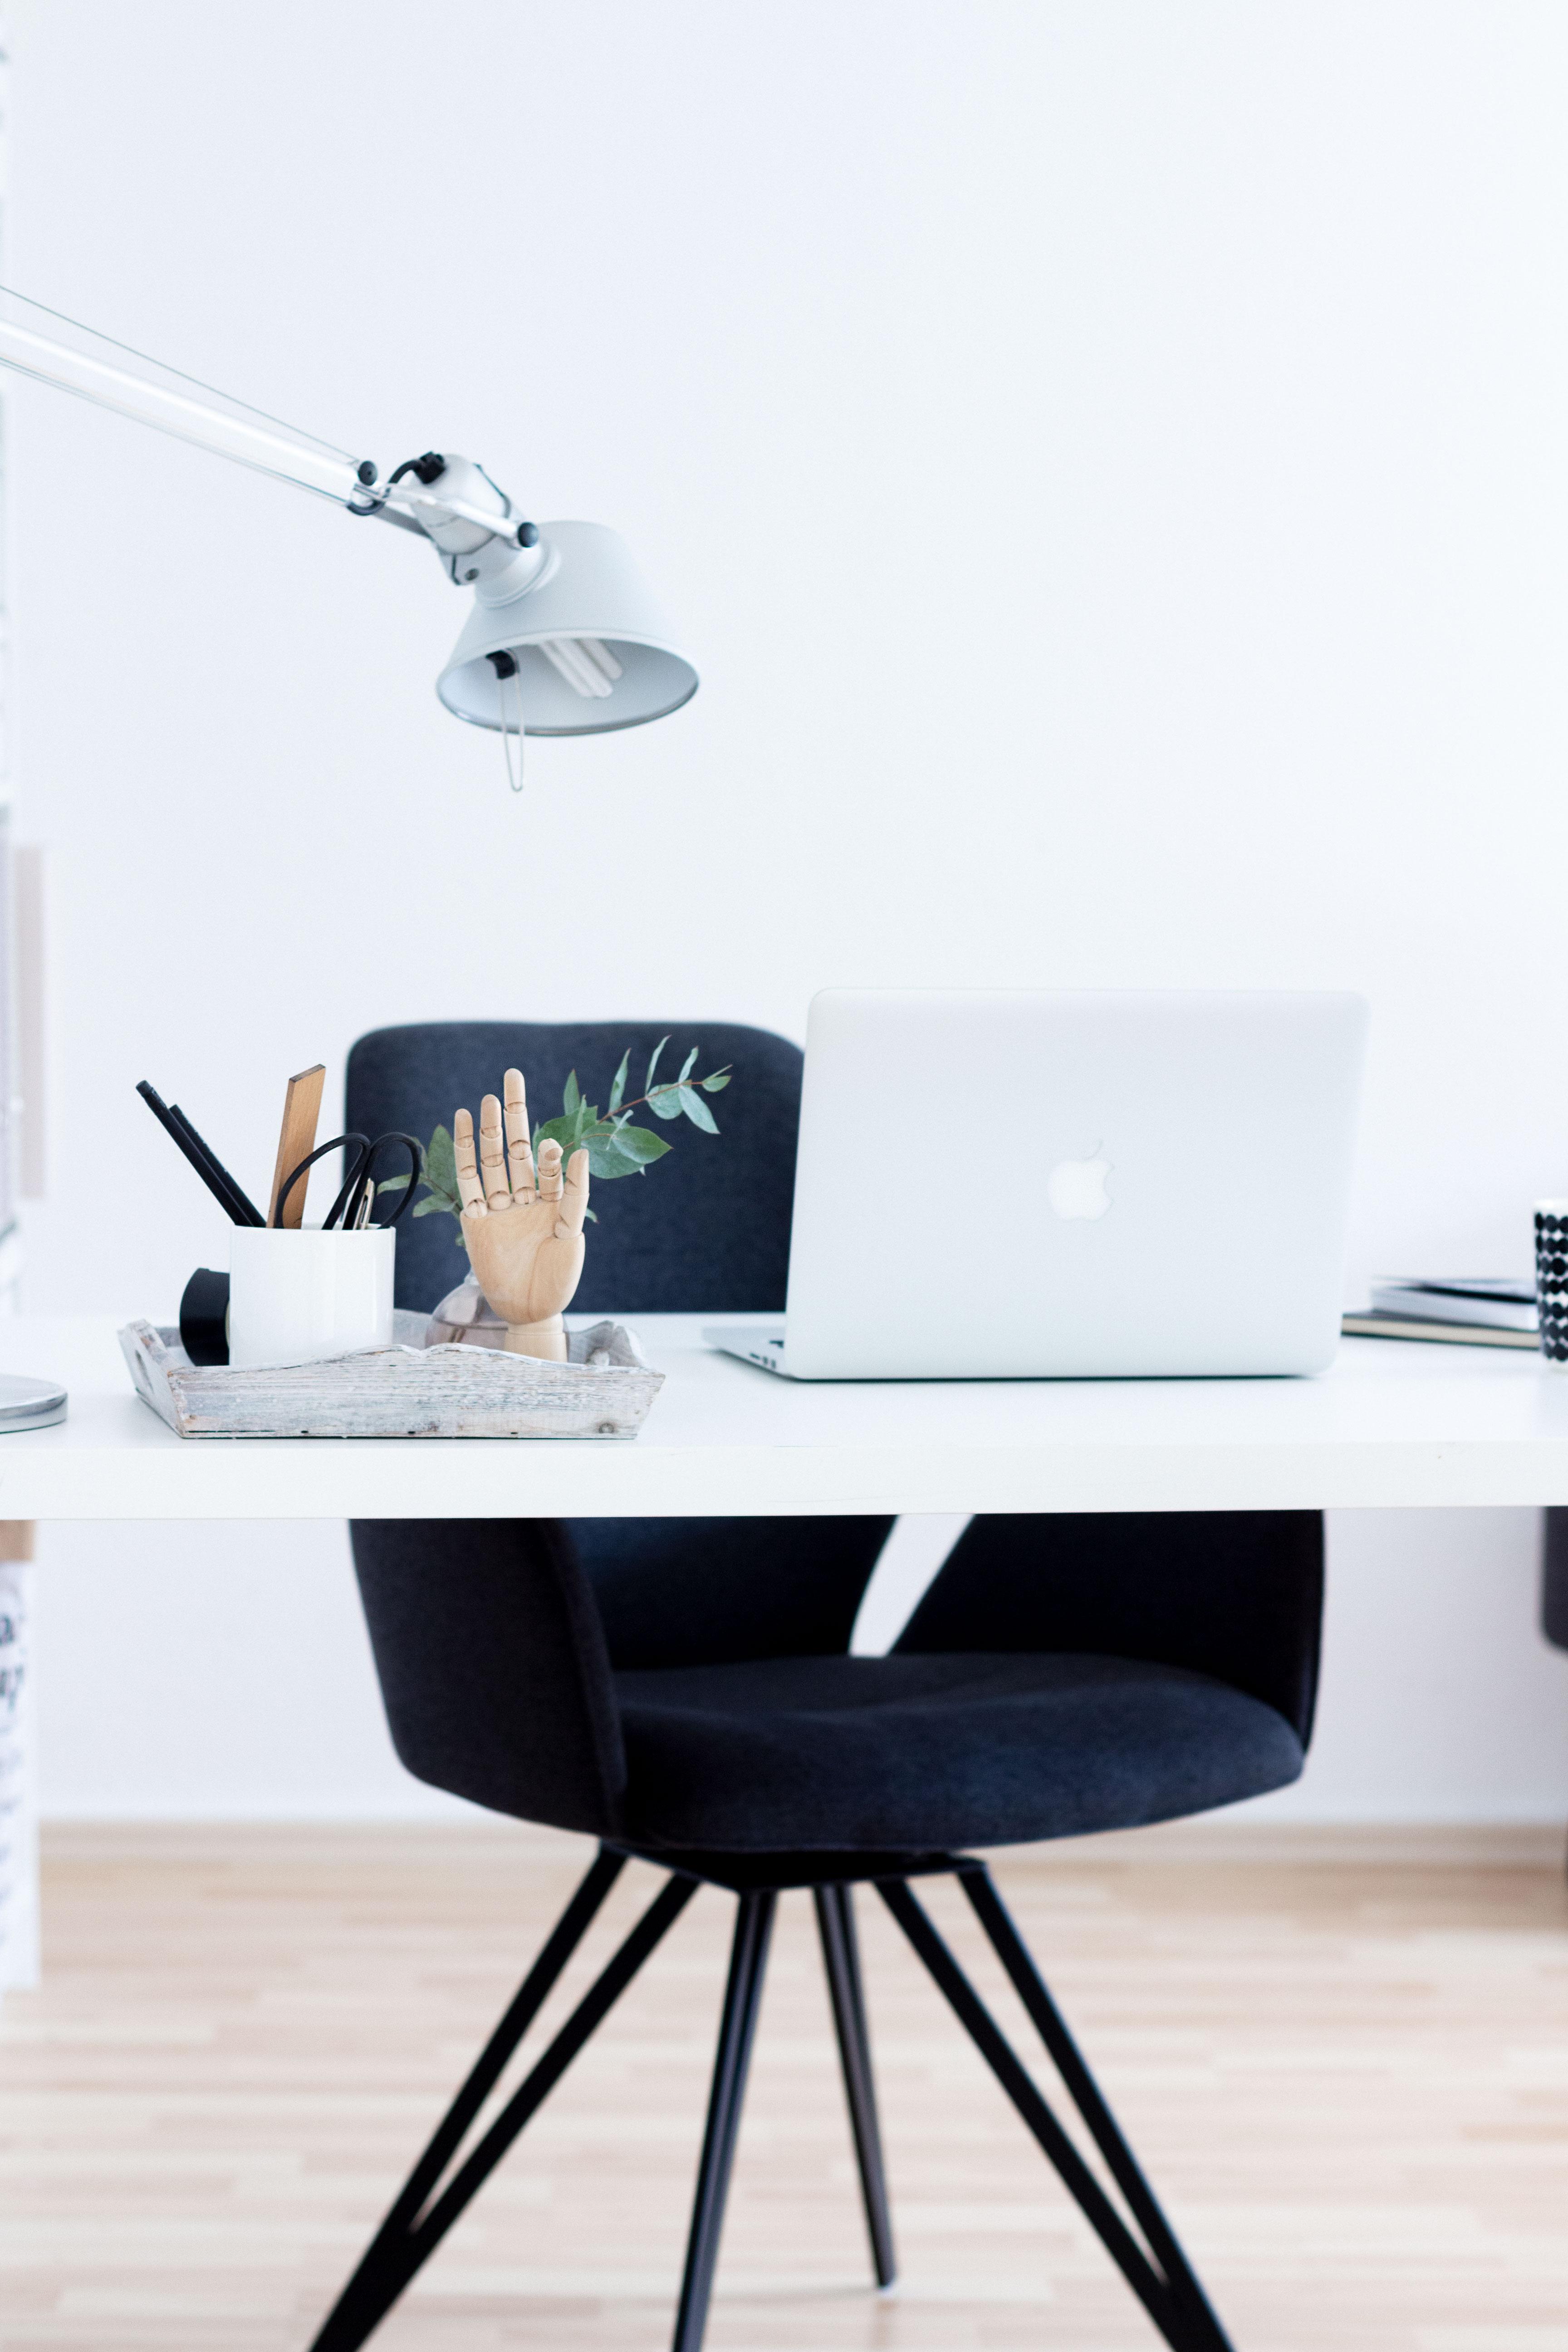 Interior | Home Office Update mit einem bequemen Stuhl von Manuu Möbel | www.scandiinspiration.com